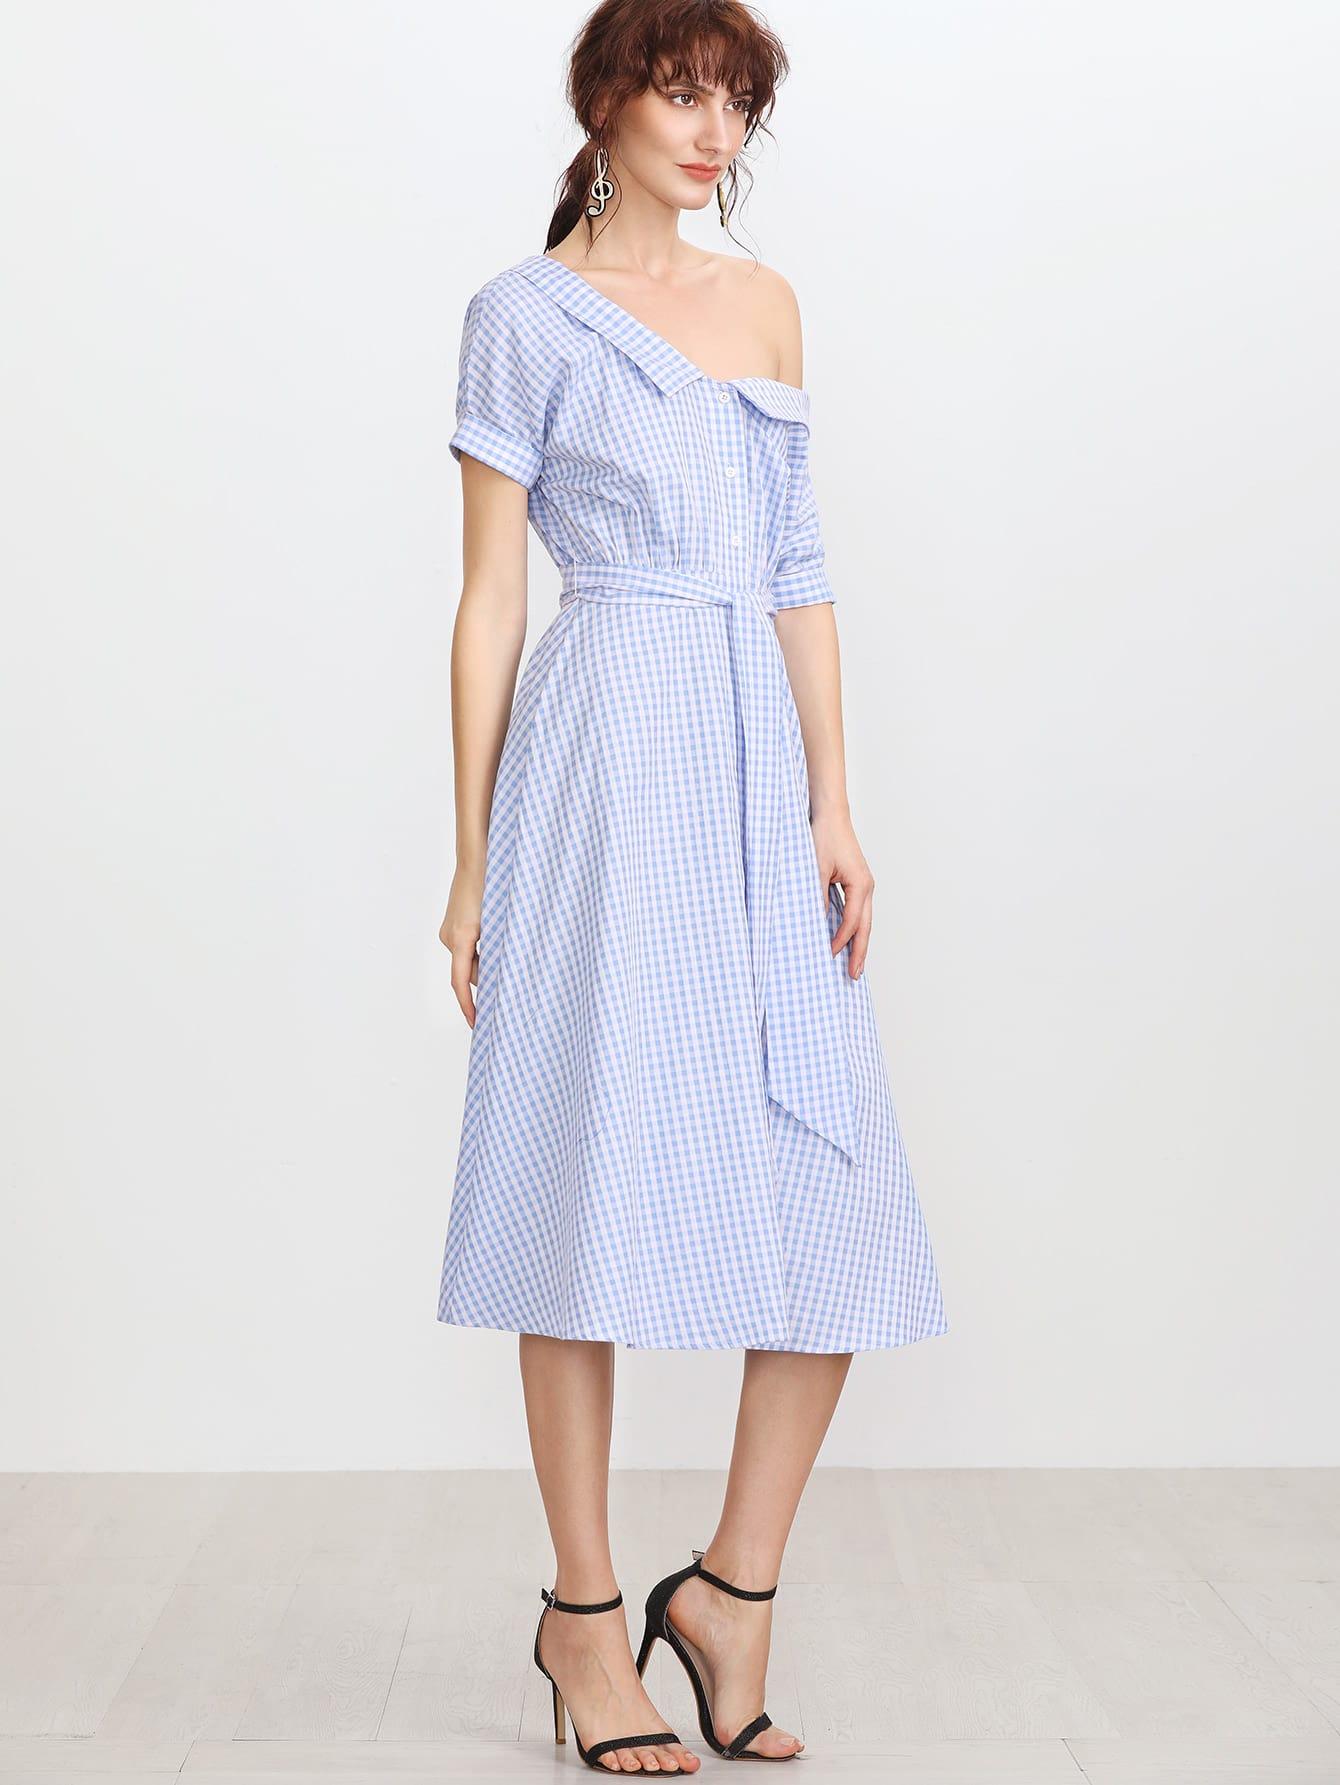 dress161230706_2